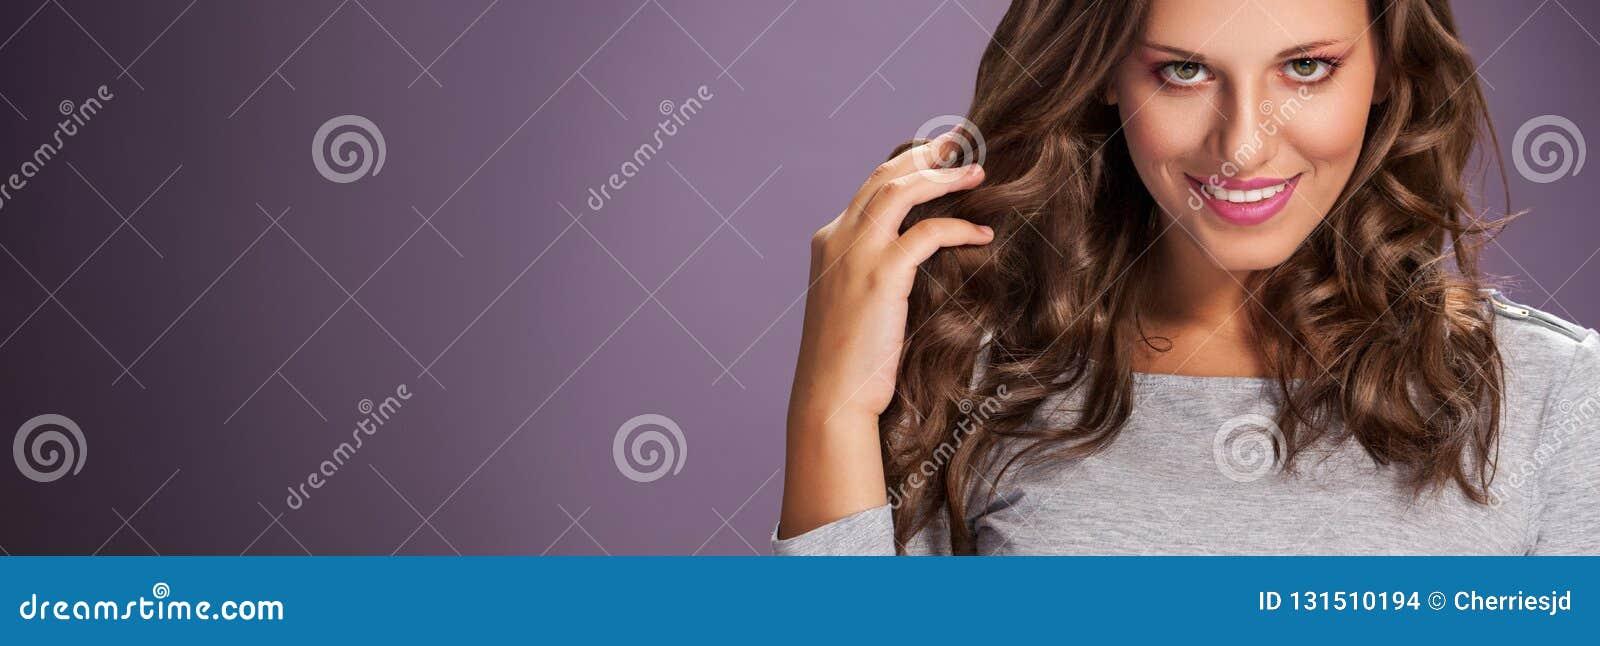 Schoonheidsvrouw met Lang Gezond en Glanzend Vlot Zwart Haar Vrouw met gezond haar